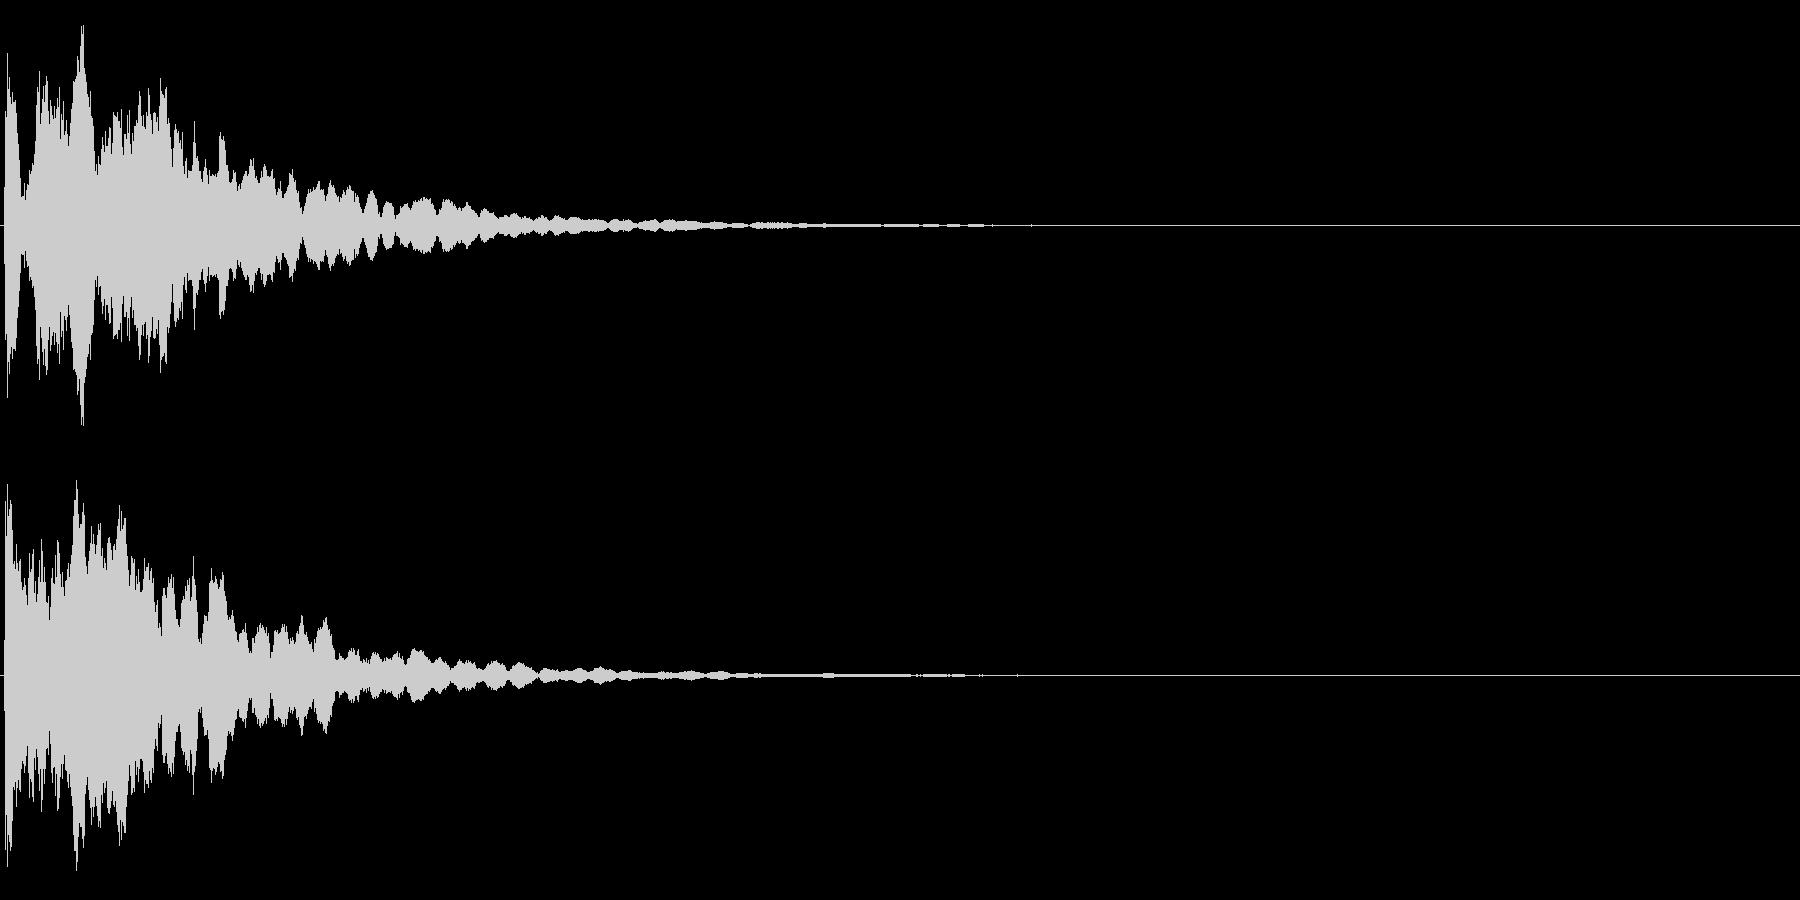 ゲームスタート、決定、ボタン音-104の未再生の波形